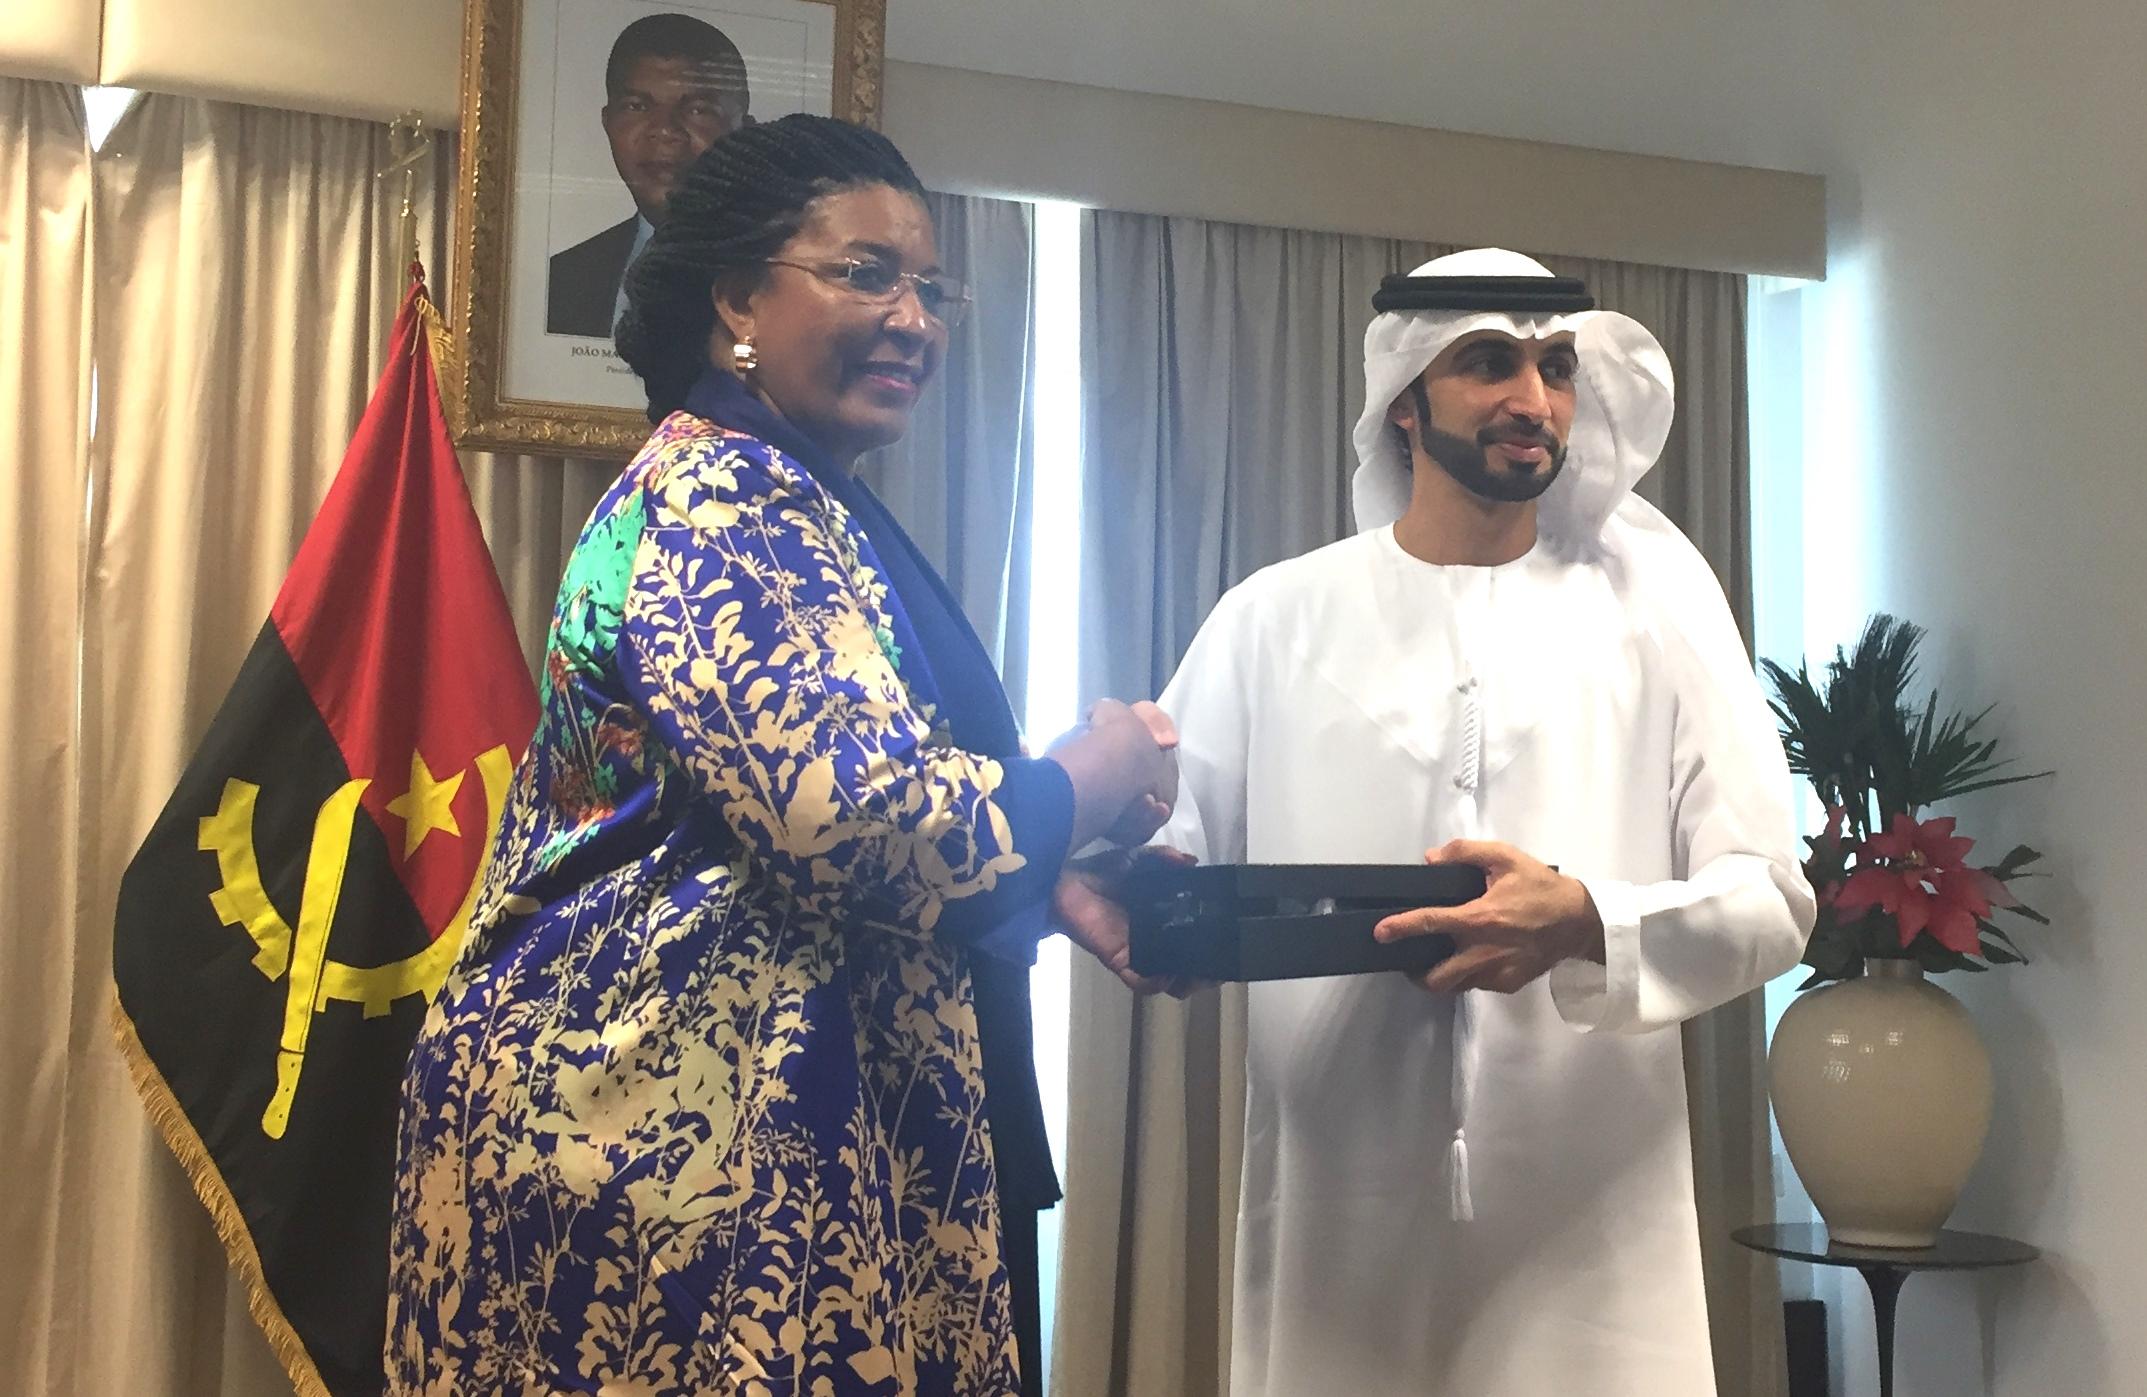 Emirados Árabes Unidos pretendem investir no turismo angolano